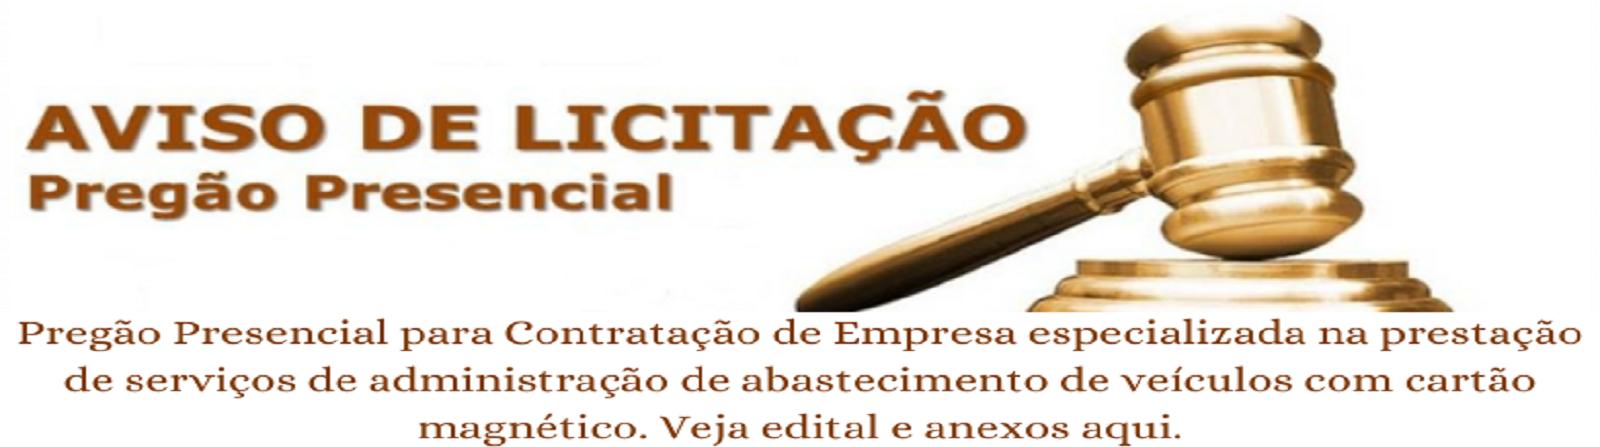 Prego_Presencial_Combustvel_-_1600_x_447